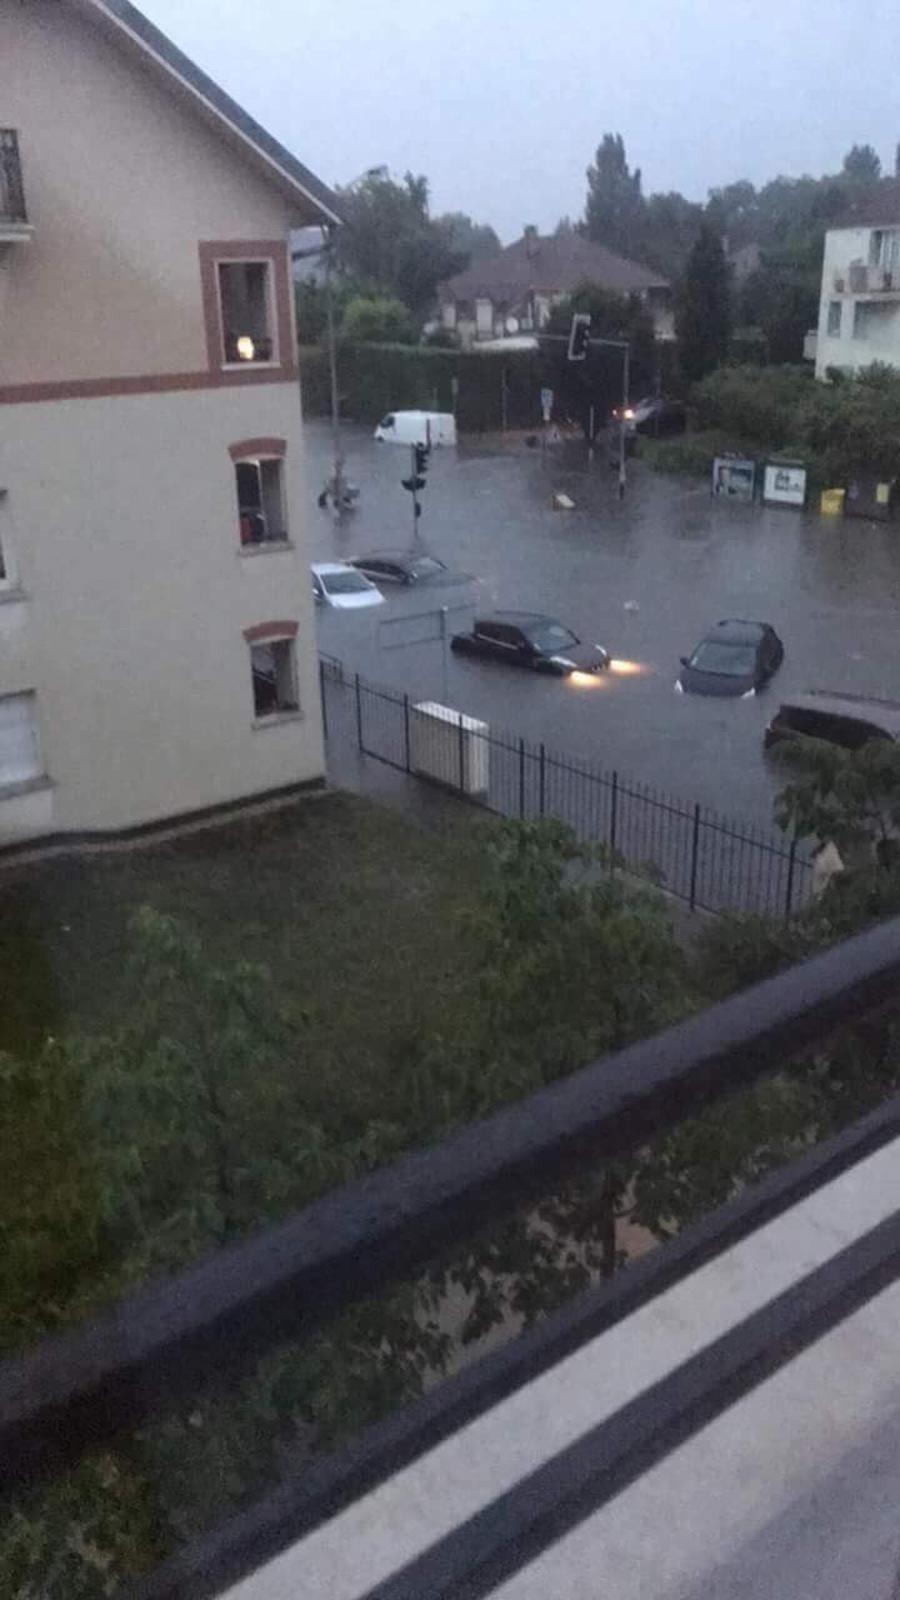 Interview dans le journal de 9h de France Bleu IdF Paris du maire de Wissous (91) sur les inondations dans sa ville dont la cause provient du mauvais entretien des bassins de rétention des eaux pluviales gérés par Suez